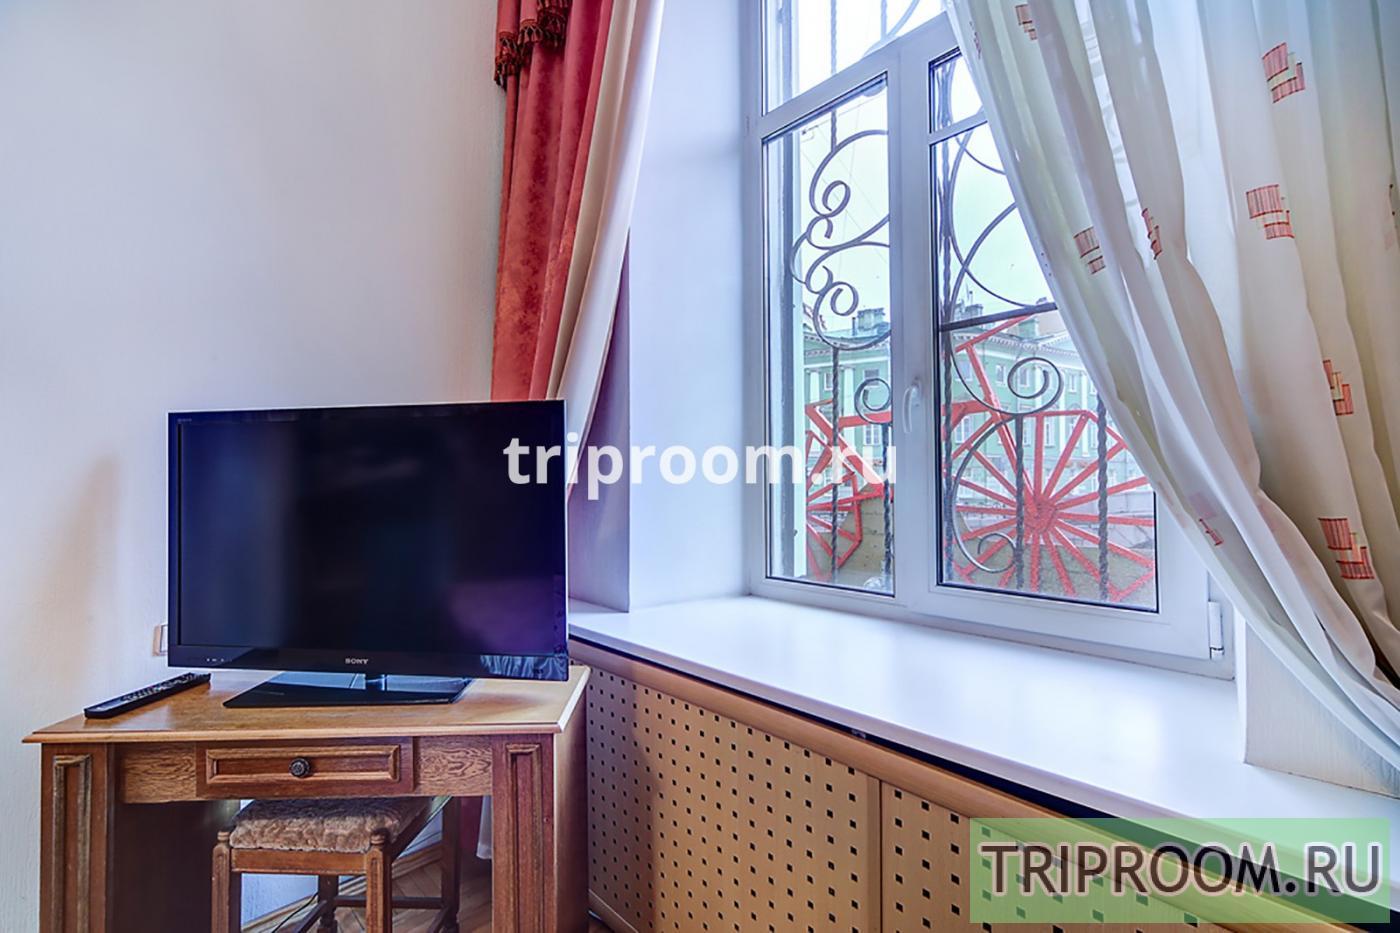 4-комнатная квартира посуточно (вариант № 20160), ул. Реки Мойки набережная, фото № 13